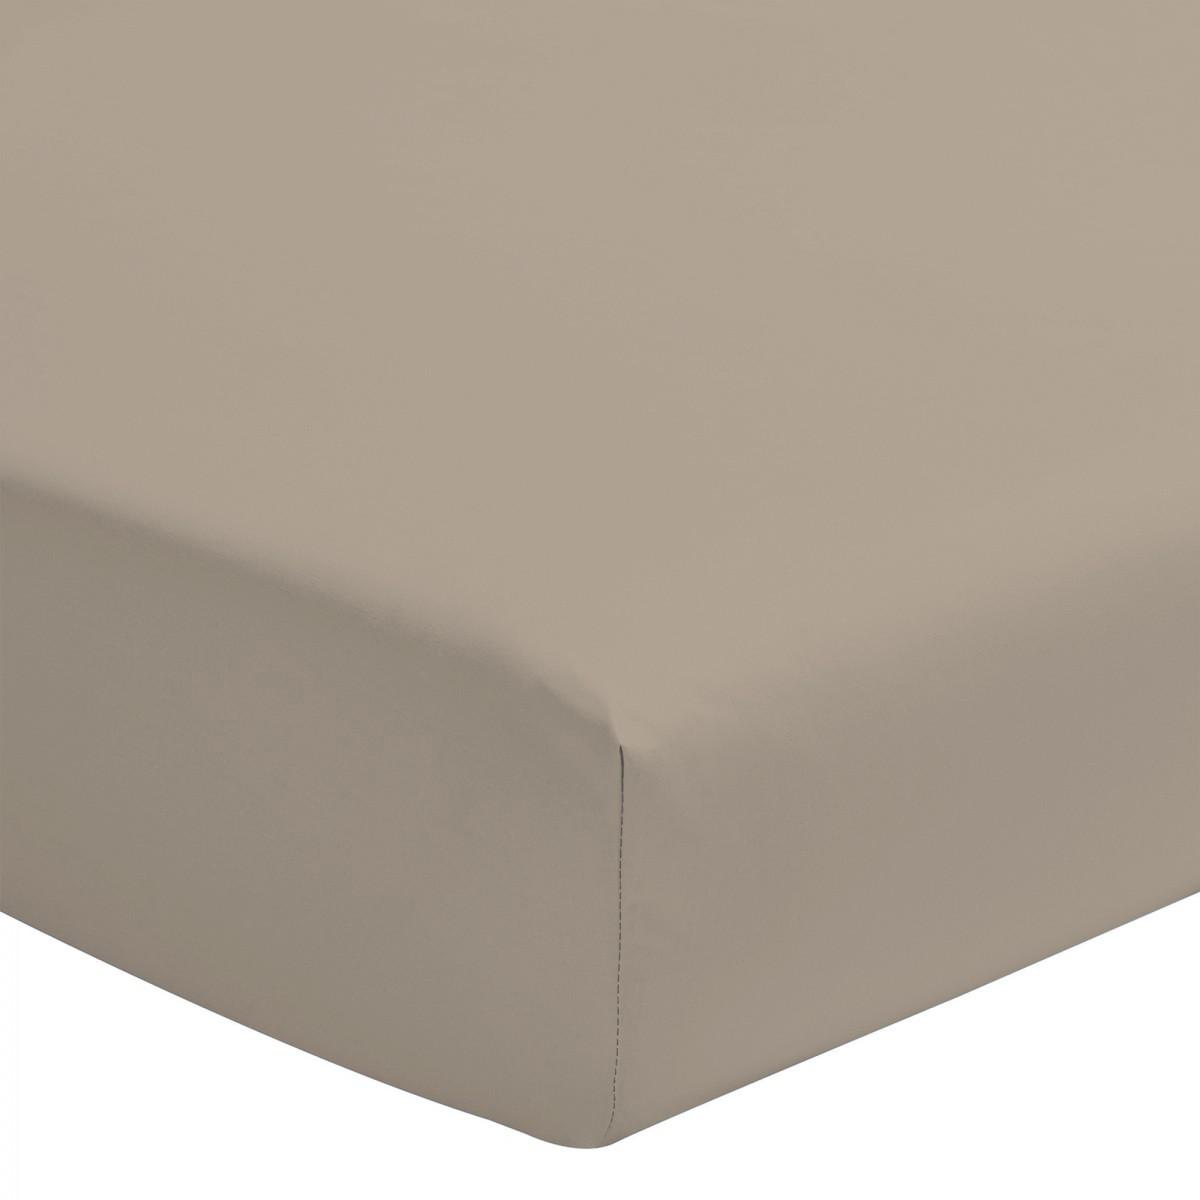 Drap Housse Uni 100% Coton Bonnet 25cm Beige Foncé 180x200cm